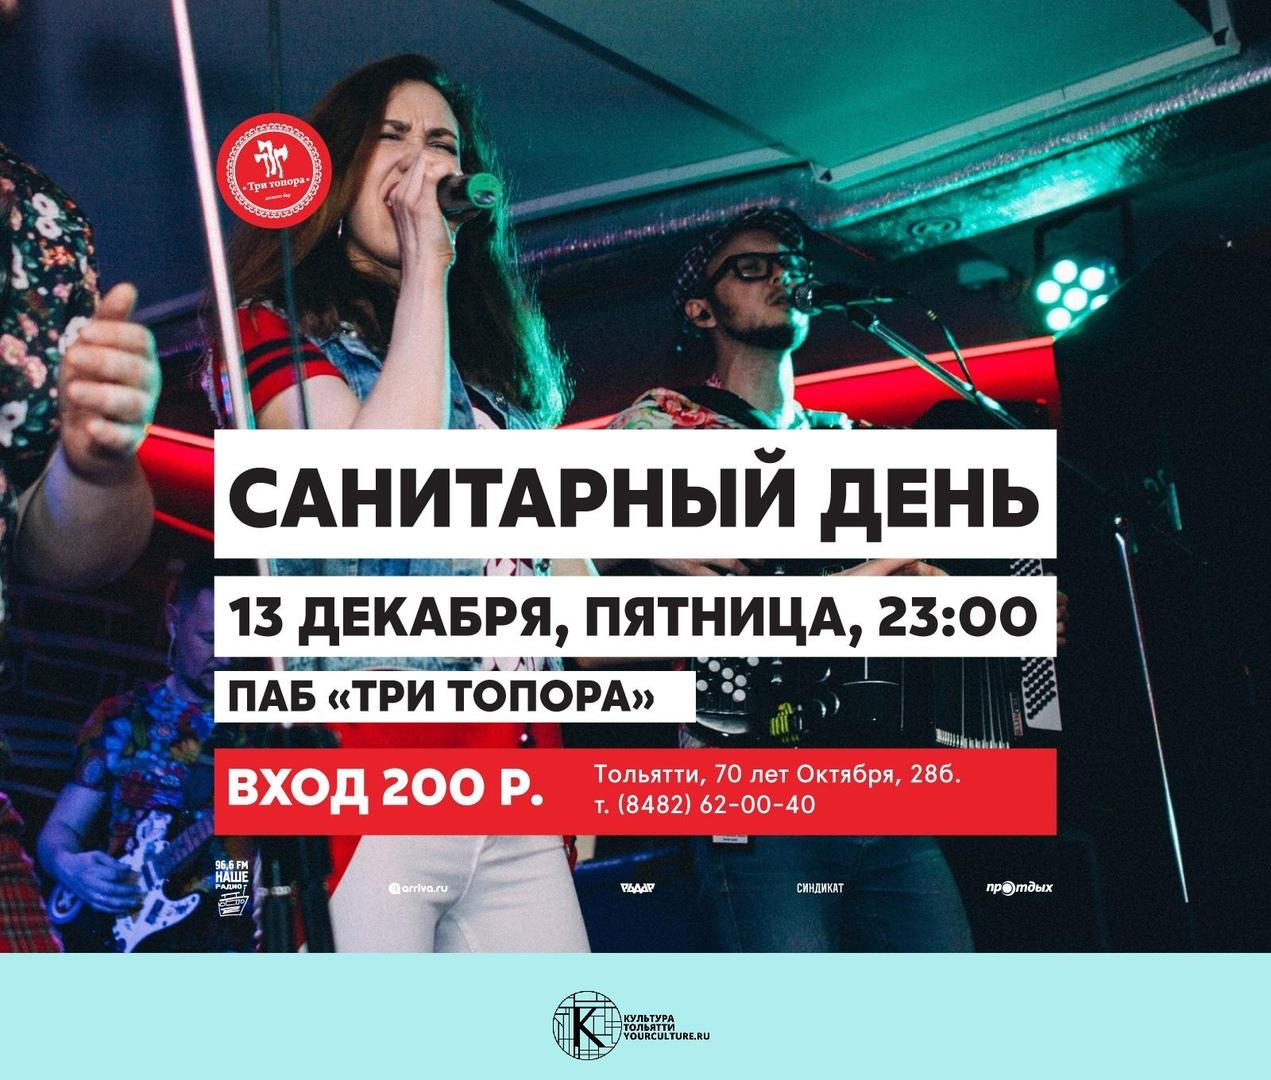 """ВИА """"Санитарный День"""" в """"Топорах"""""""